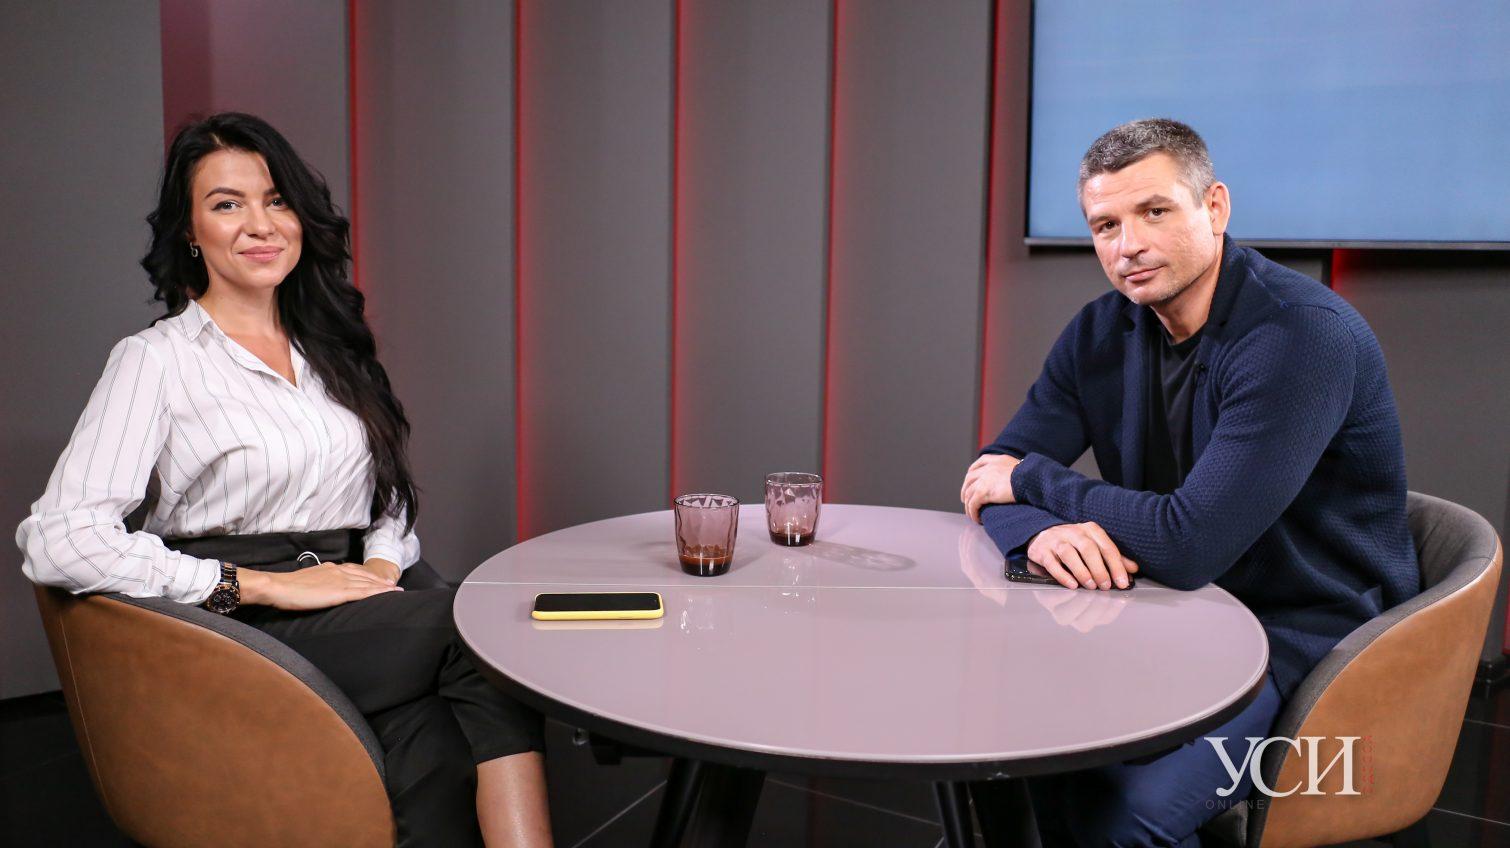 Більше 30% бюлетенів буде зіпсовано, – політолог Валентин Гладких про місцеві вибори в Одесі (відео) «фото»